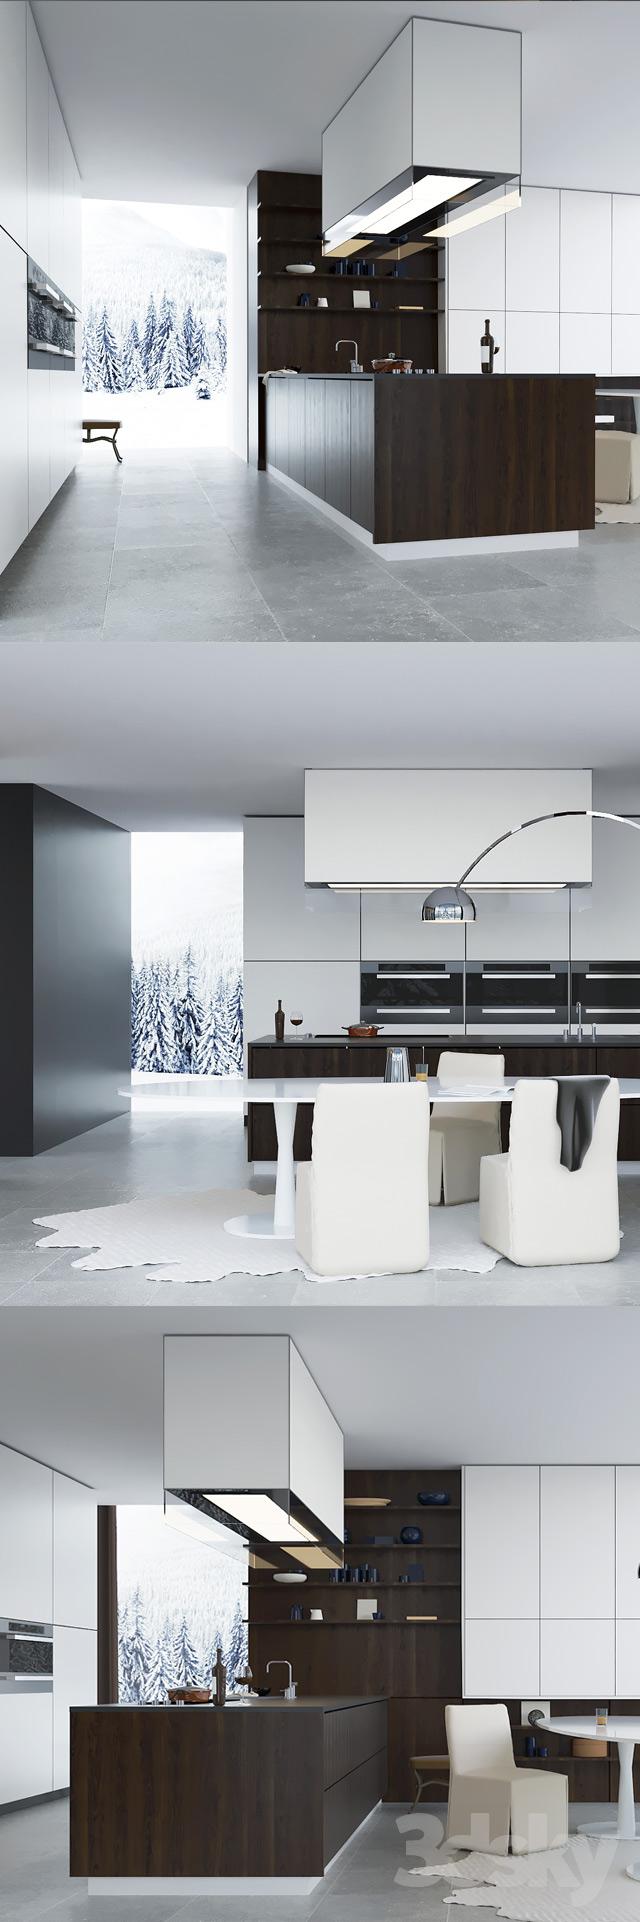 دانلود مدل سه بعدی با موضوع طراحی آشپزخانه